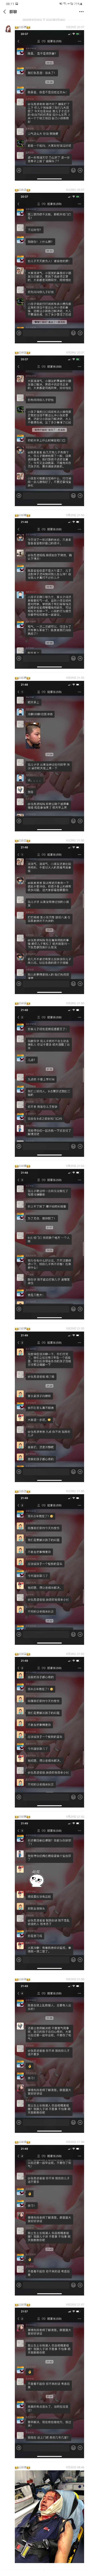 上海某小学家长约架互殴,因孩子学校打架惊动双方家长 liuliushe.net六六社 第2张